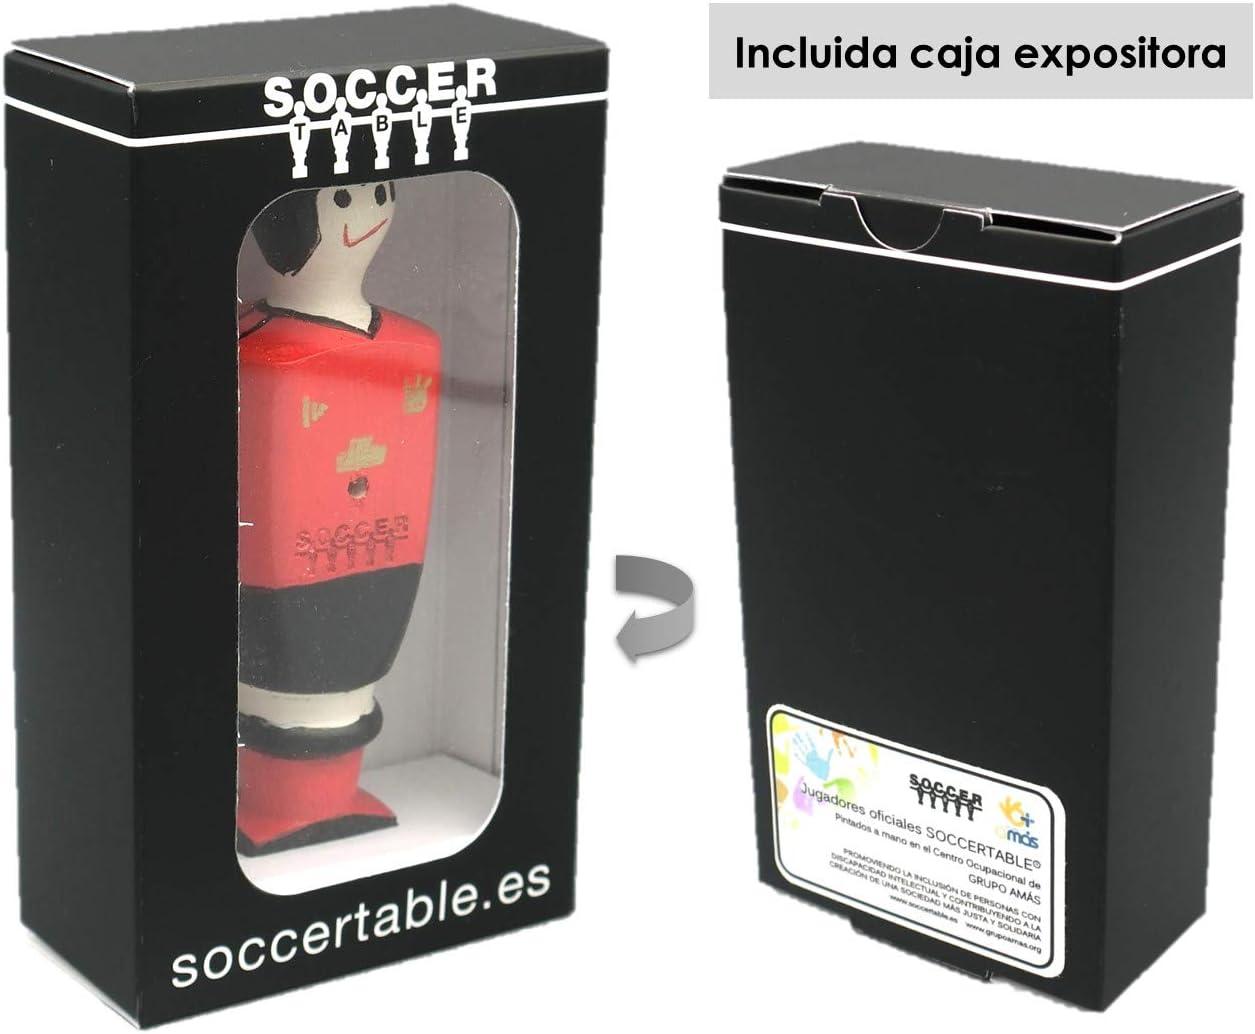 Soccer Table SL Individual Jugador de Futbolín Manchester con imán, presentado en una Exclusiva Caja expositora, Color Rojo y Negro (art-090): Amazon.es: Juguetes y juegos